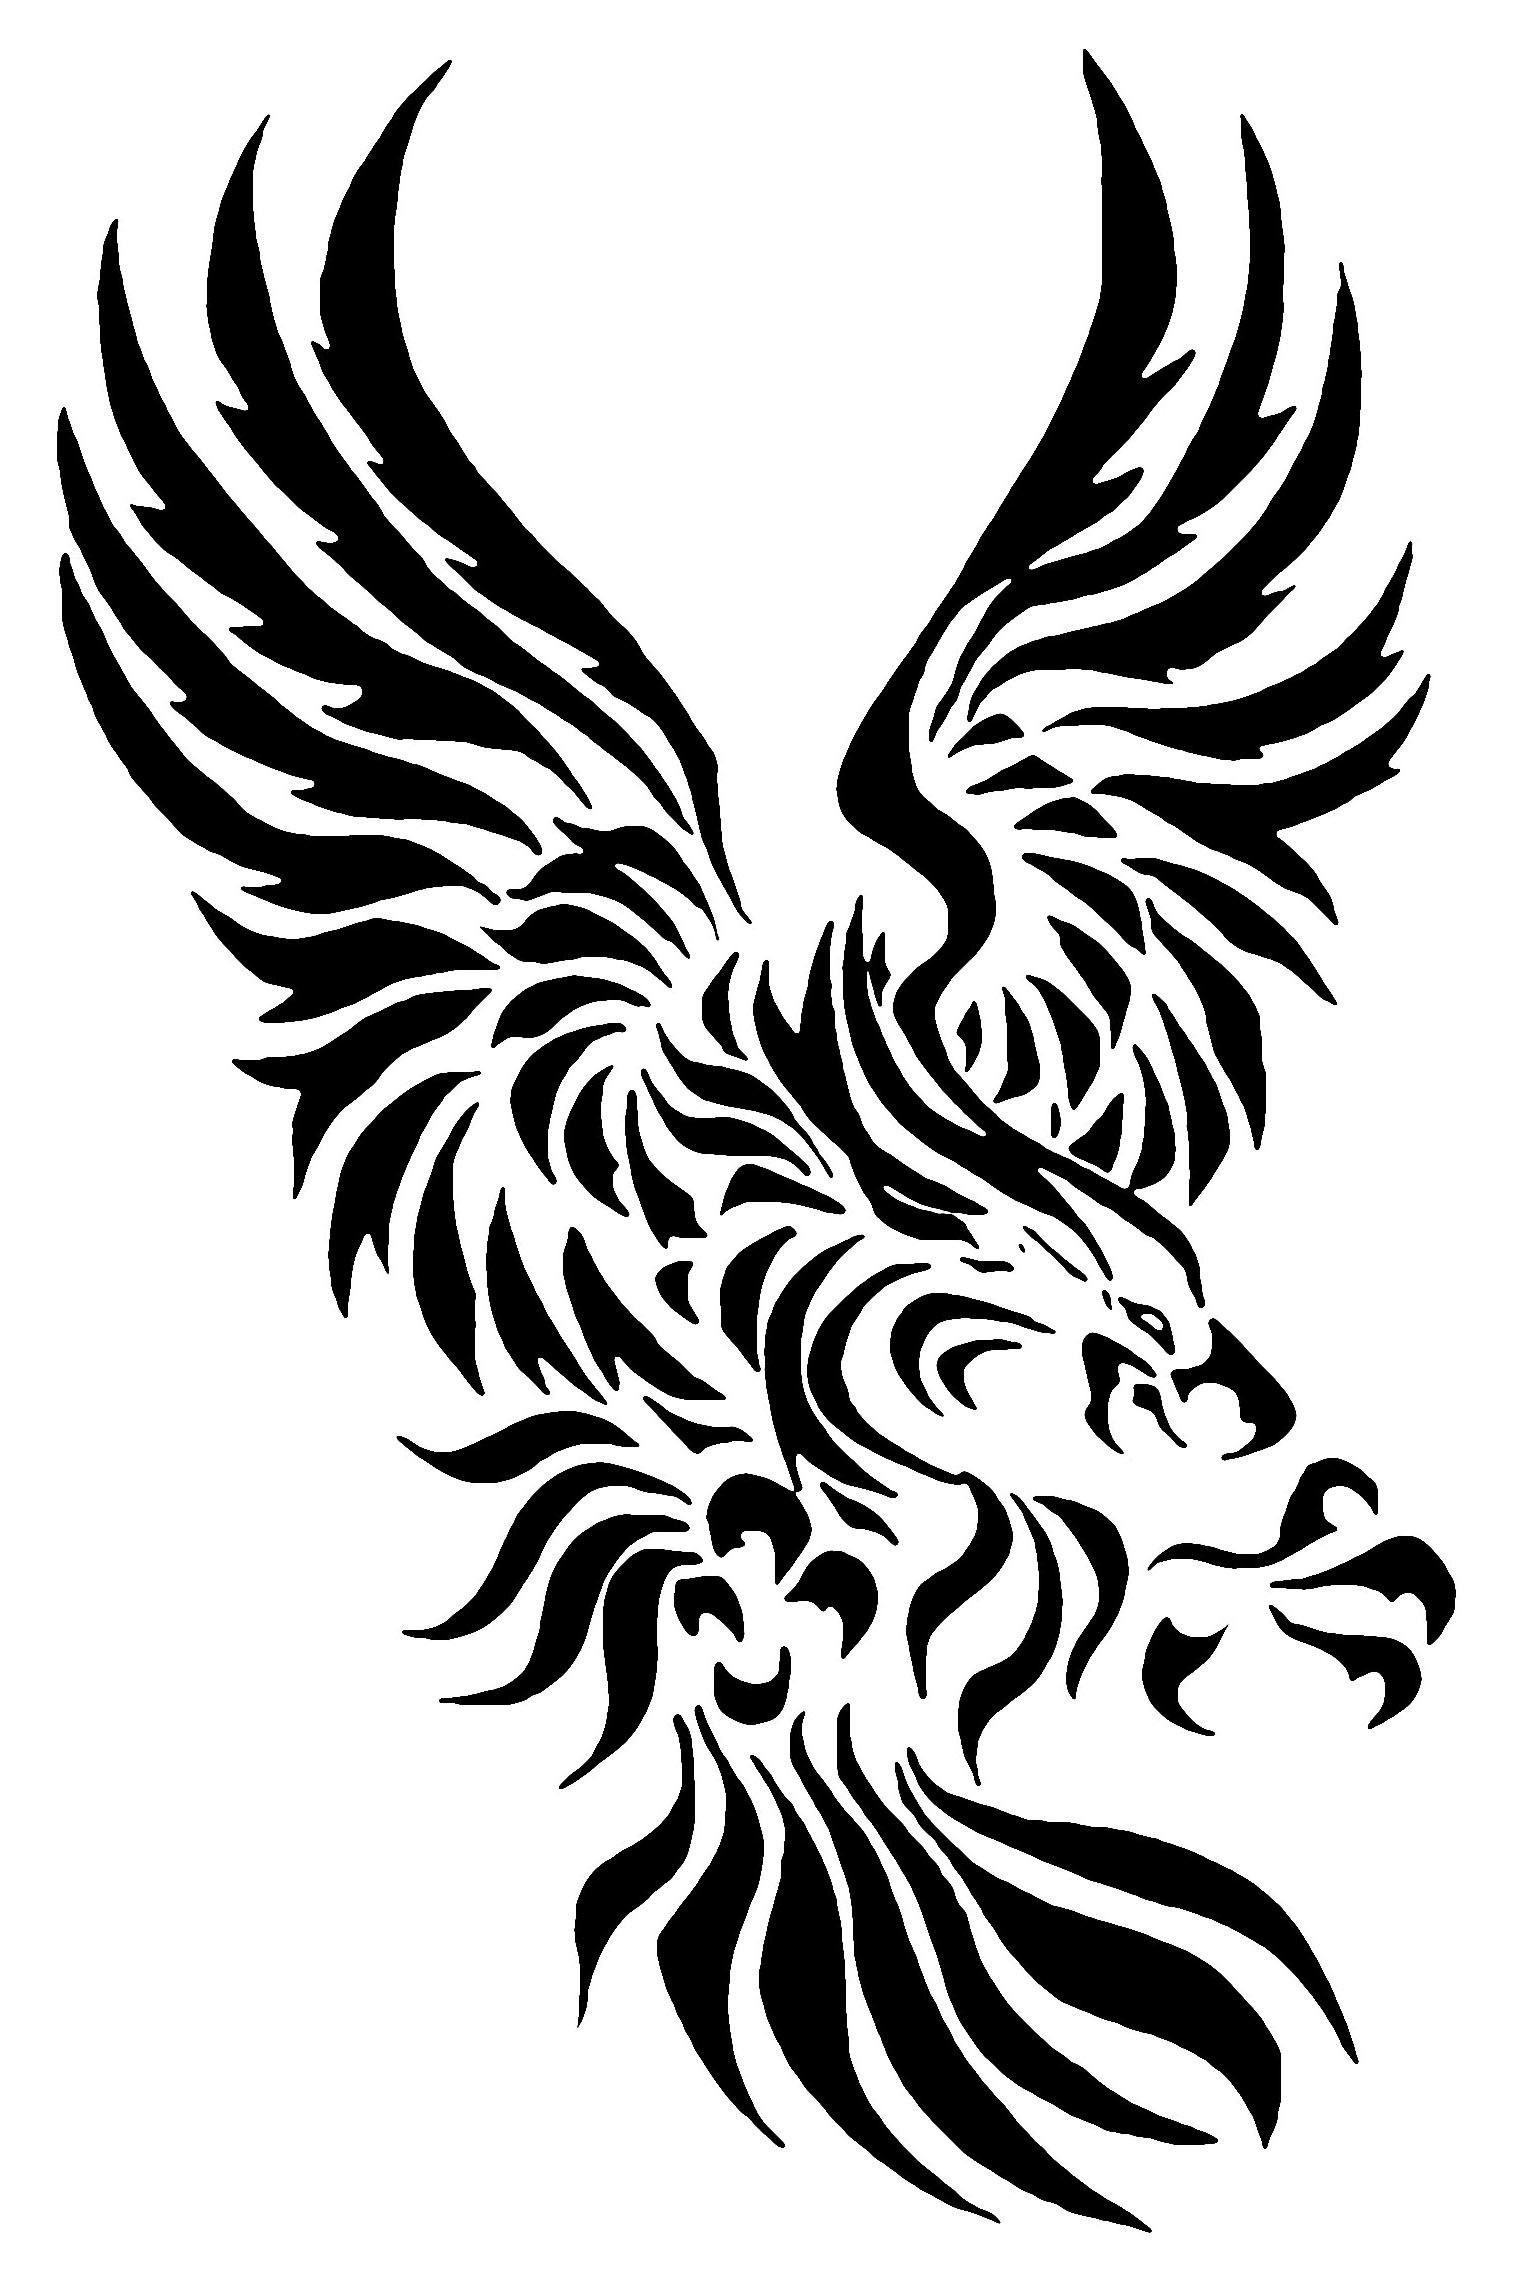 Tattoo Vorlagen 60 Kostenlose Tiermotive Tattoovorlagen Tattoos Zenideen Tiermotive Indianer Totenkopftattoos Tattoo Vorlagen